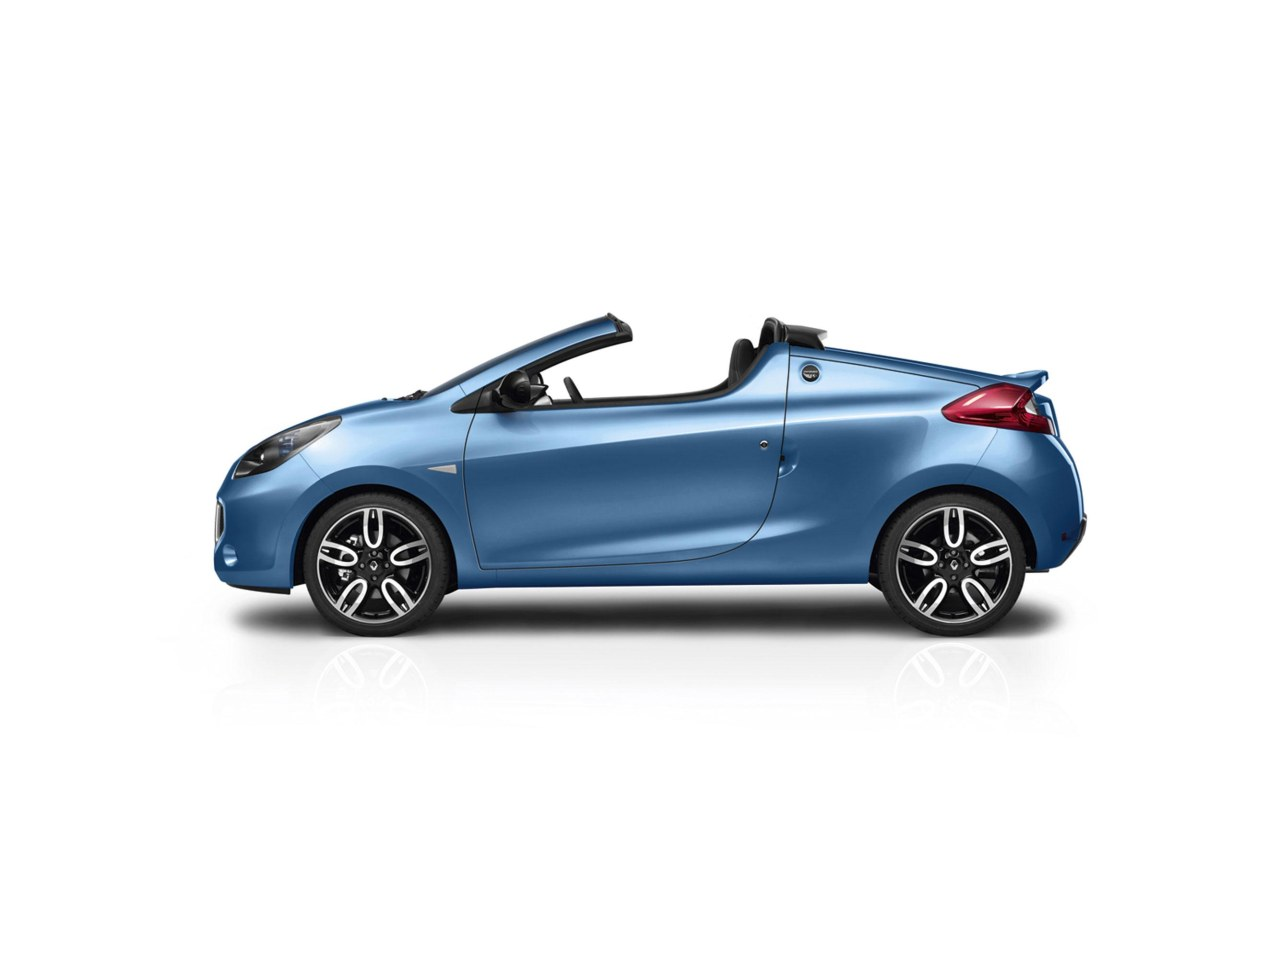 Renault_Wind_01.jpg